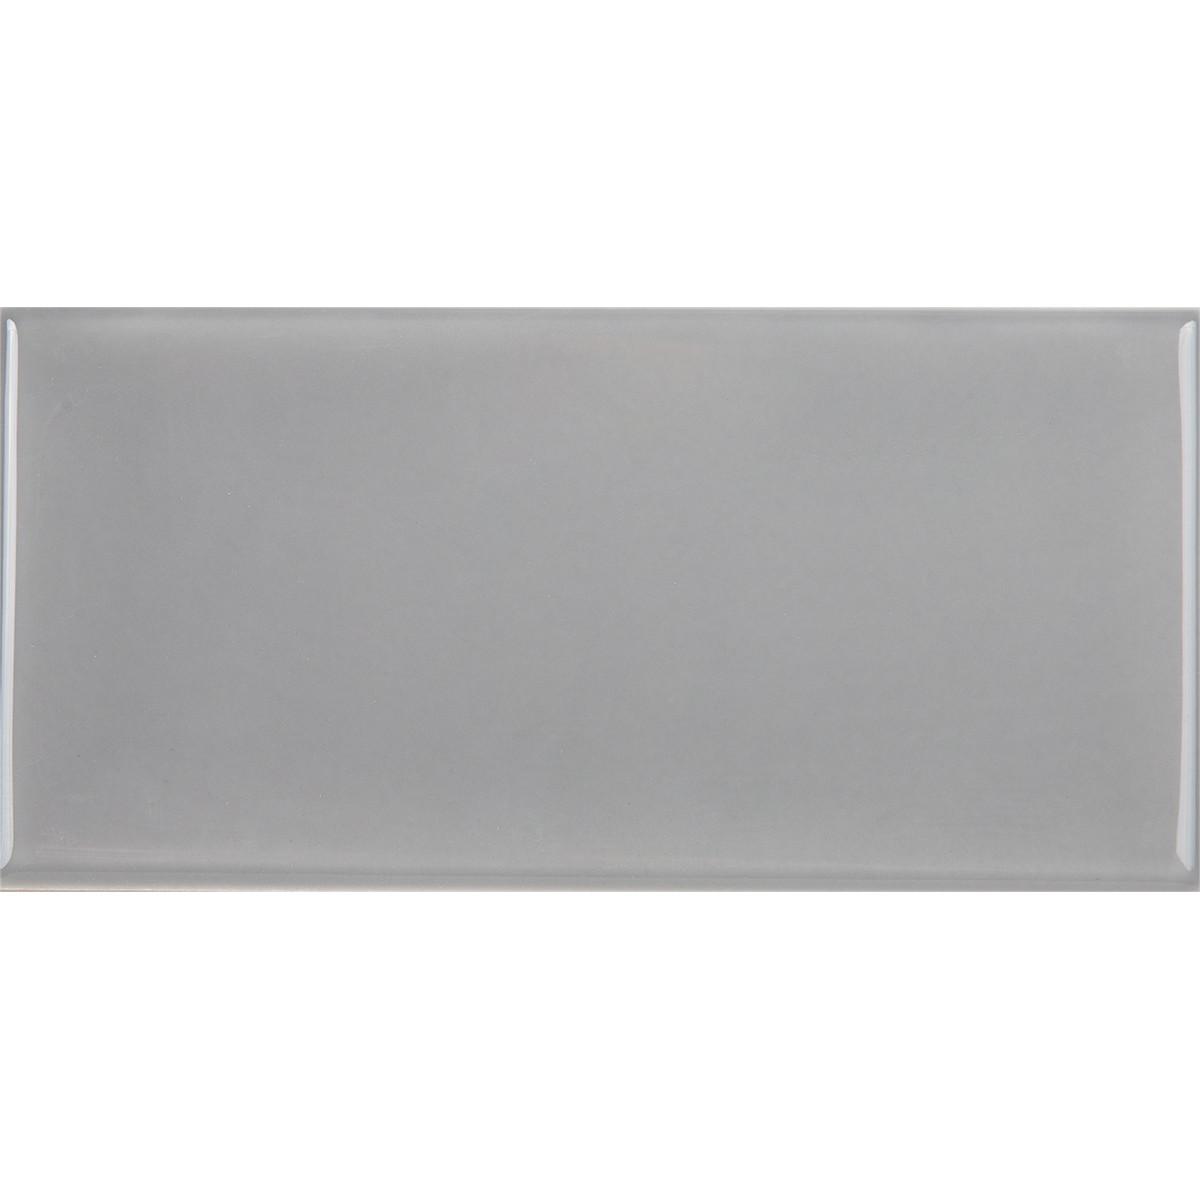 Плитка настенная Альвано 7.4х15 см 1 м2 цвет темно-серый